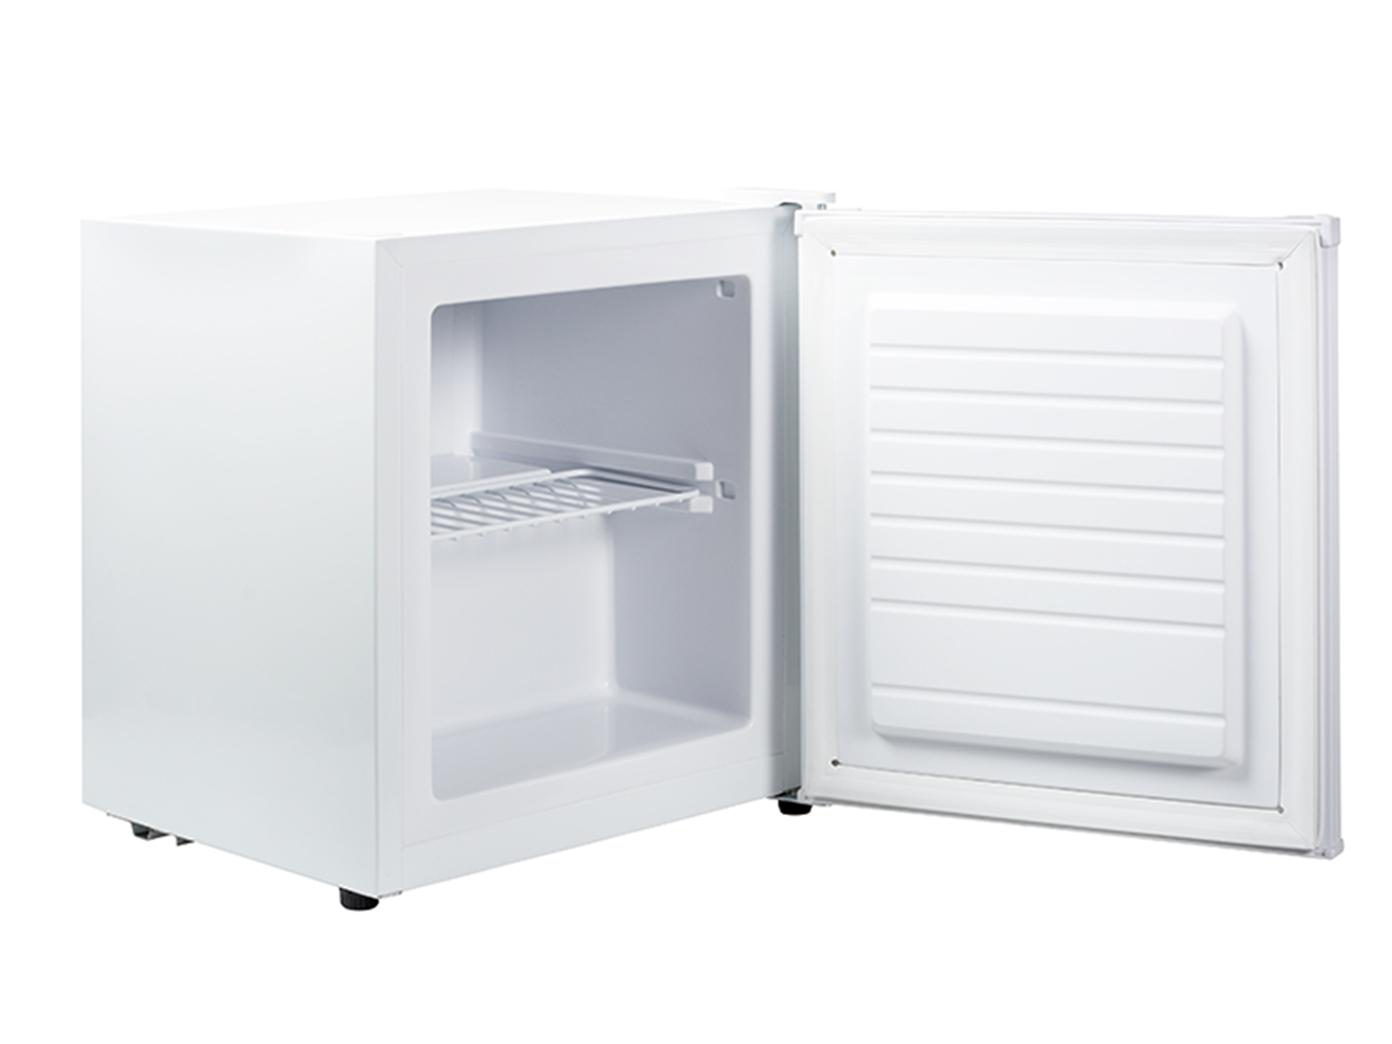 Kleiner 4Sterne Gefrierschrank CAMPING geeignet Tiefkühlschrank ...